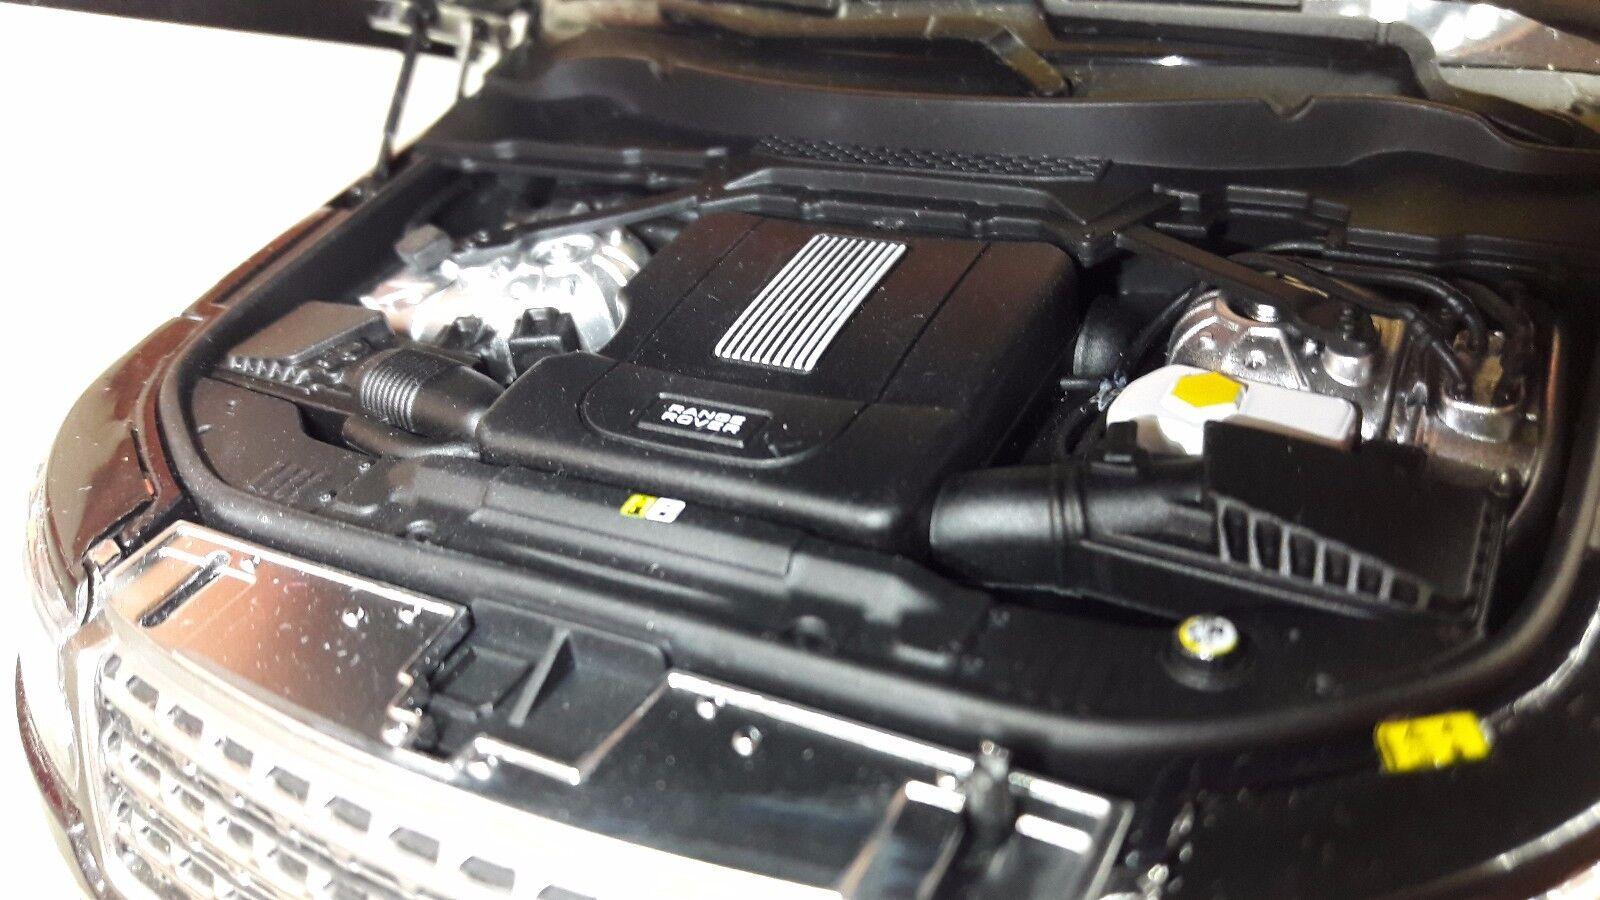 RANGE ROVER L405 TDV8 4.4 V8 blanc blanc blanc VOGUE détaillé modèle moulé 1:18 Welly GT | De Qualité  d93fea